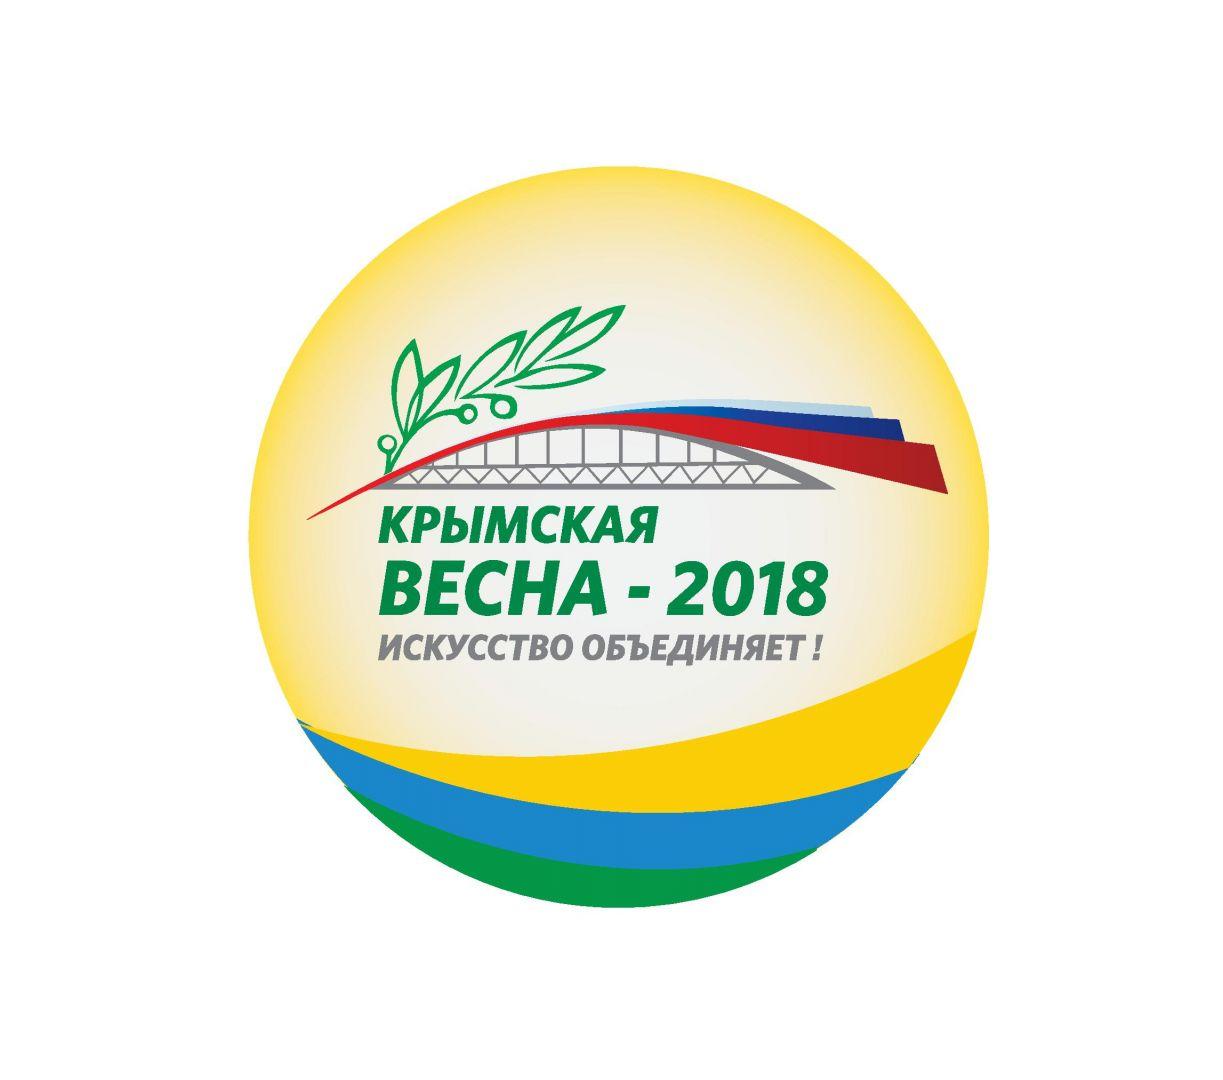 Невинномысск в марте встретит «Крымскую весну-2018»